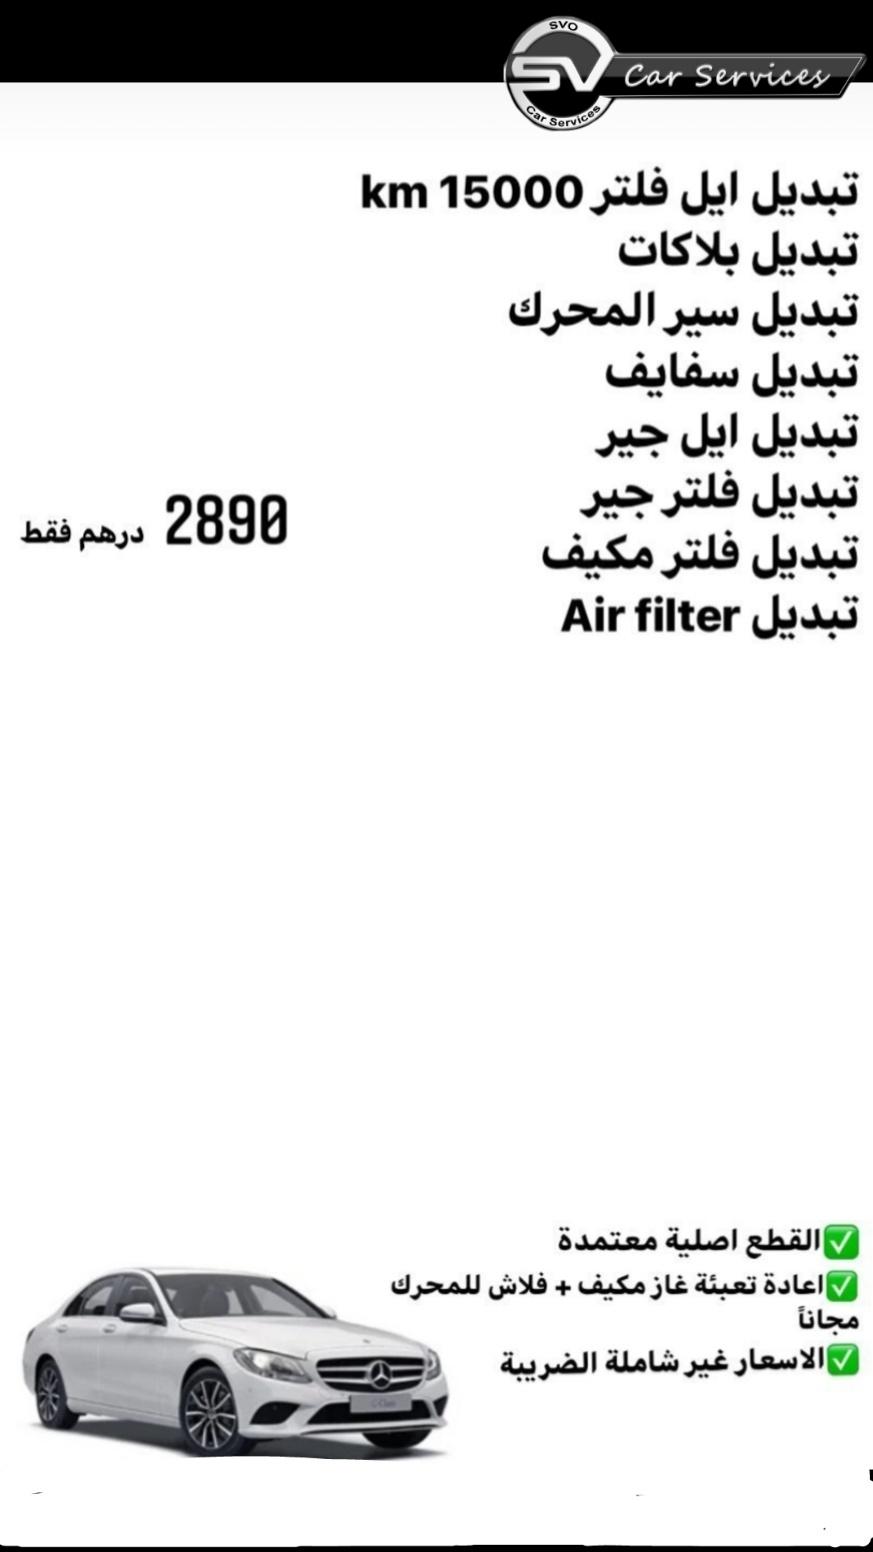 WhatsApp Image 2021-01-30 at 11.41.32 AM.jpeg